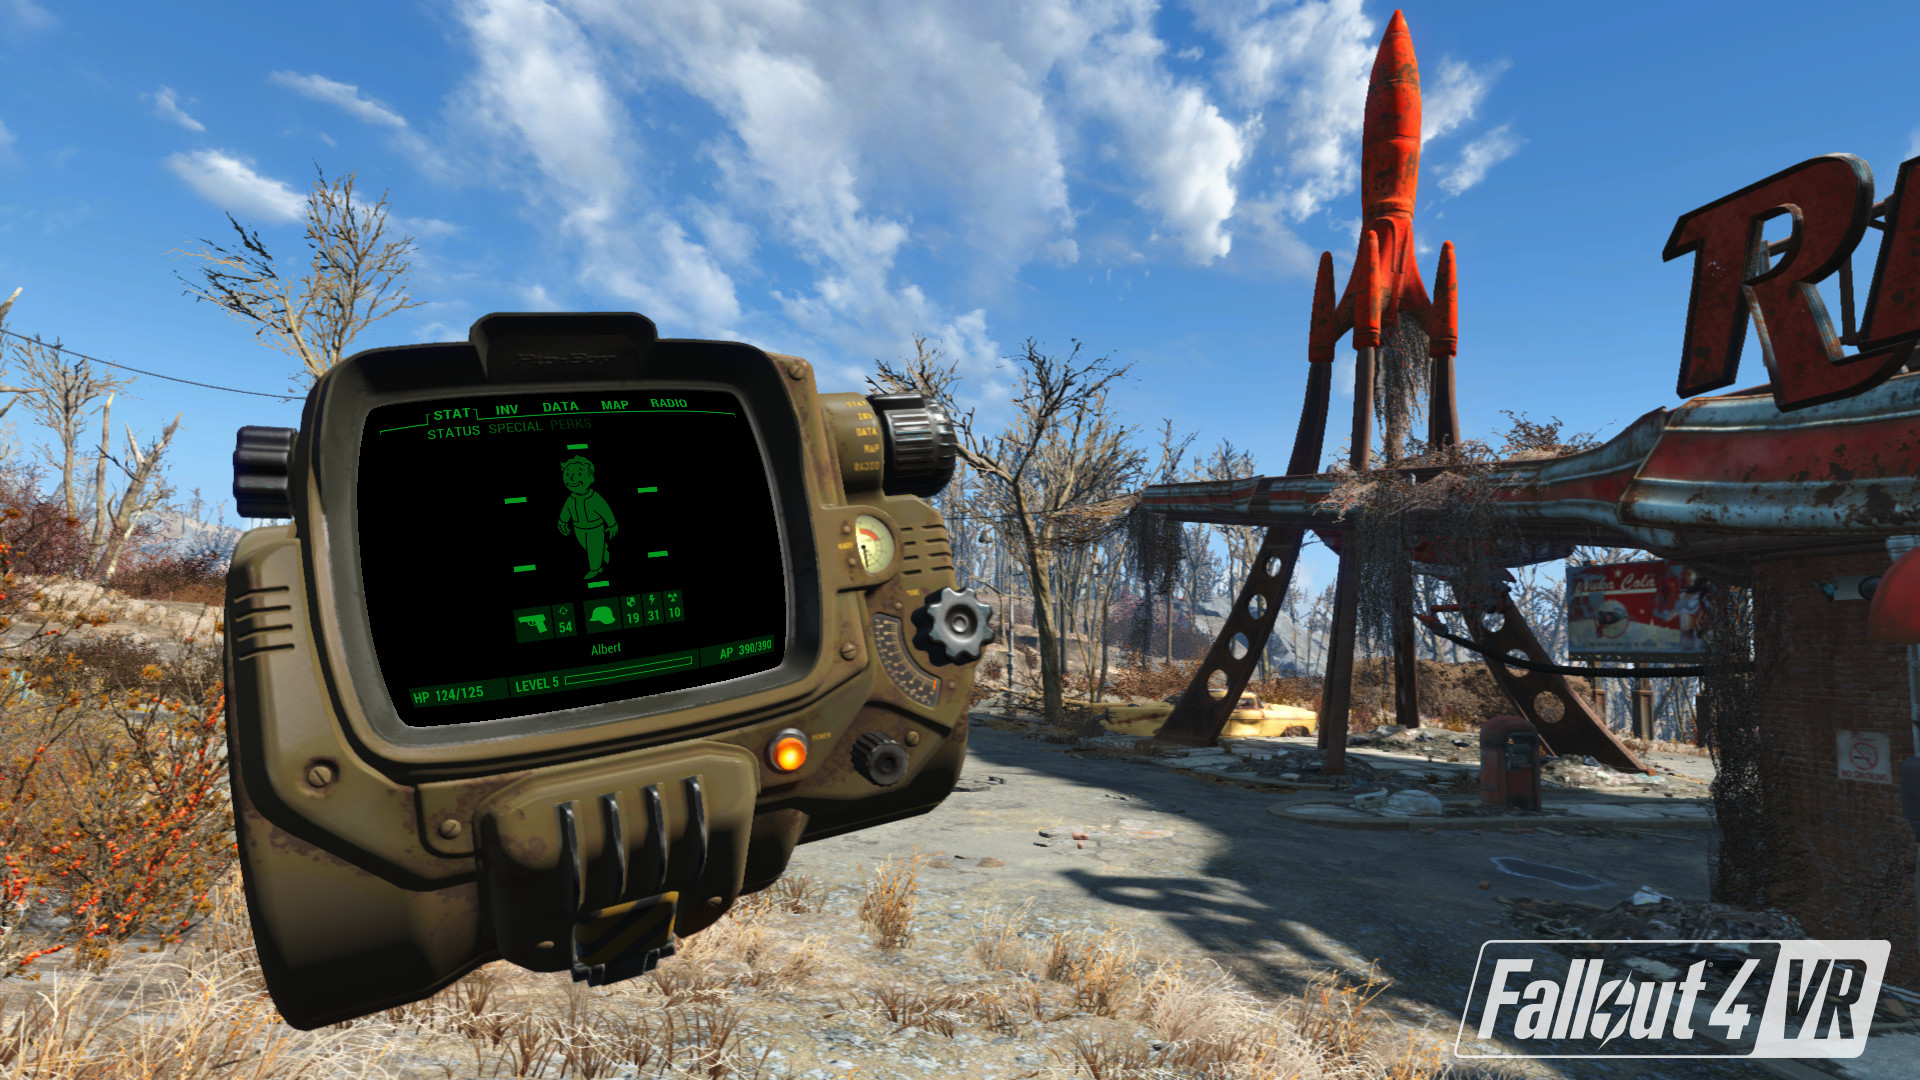 Fallout 4 VR, pip-boy levé devant les yeux du joueur